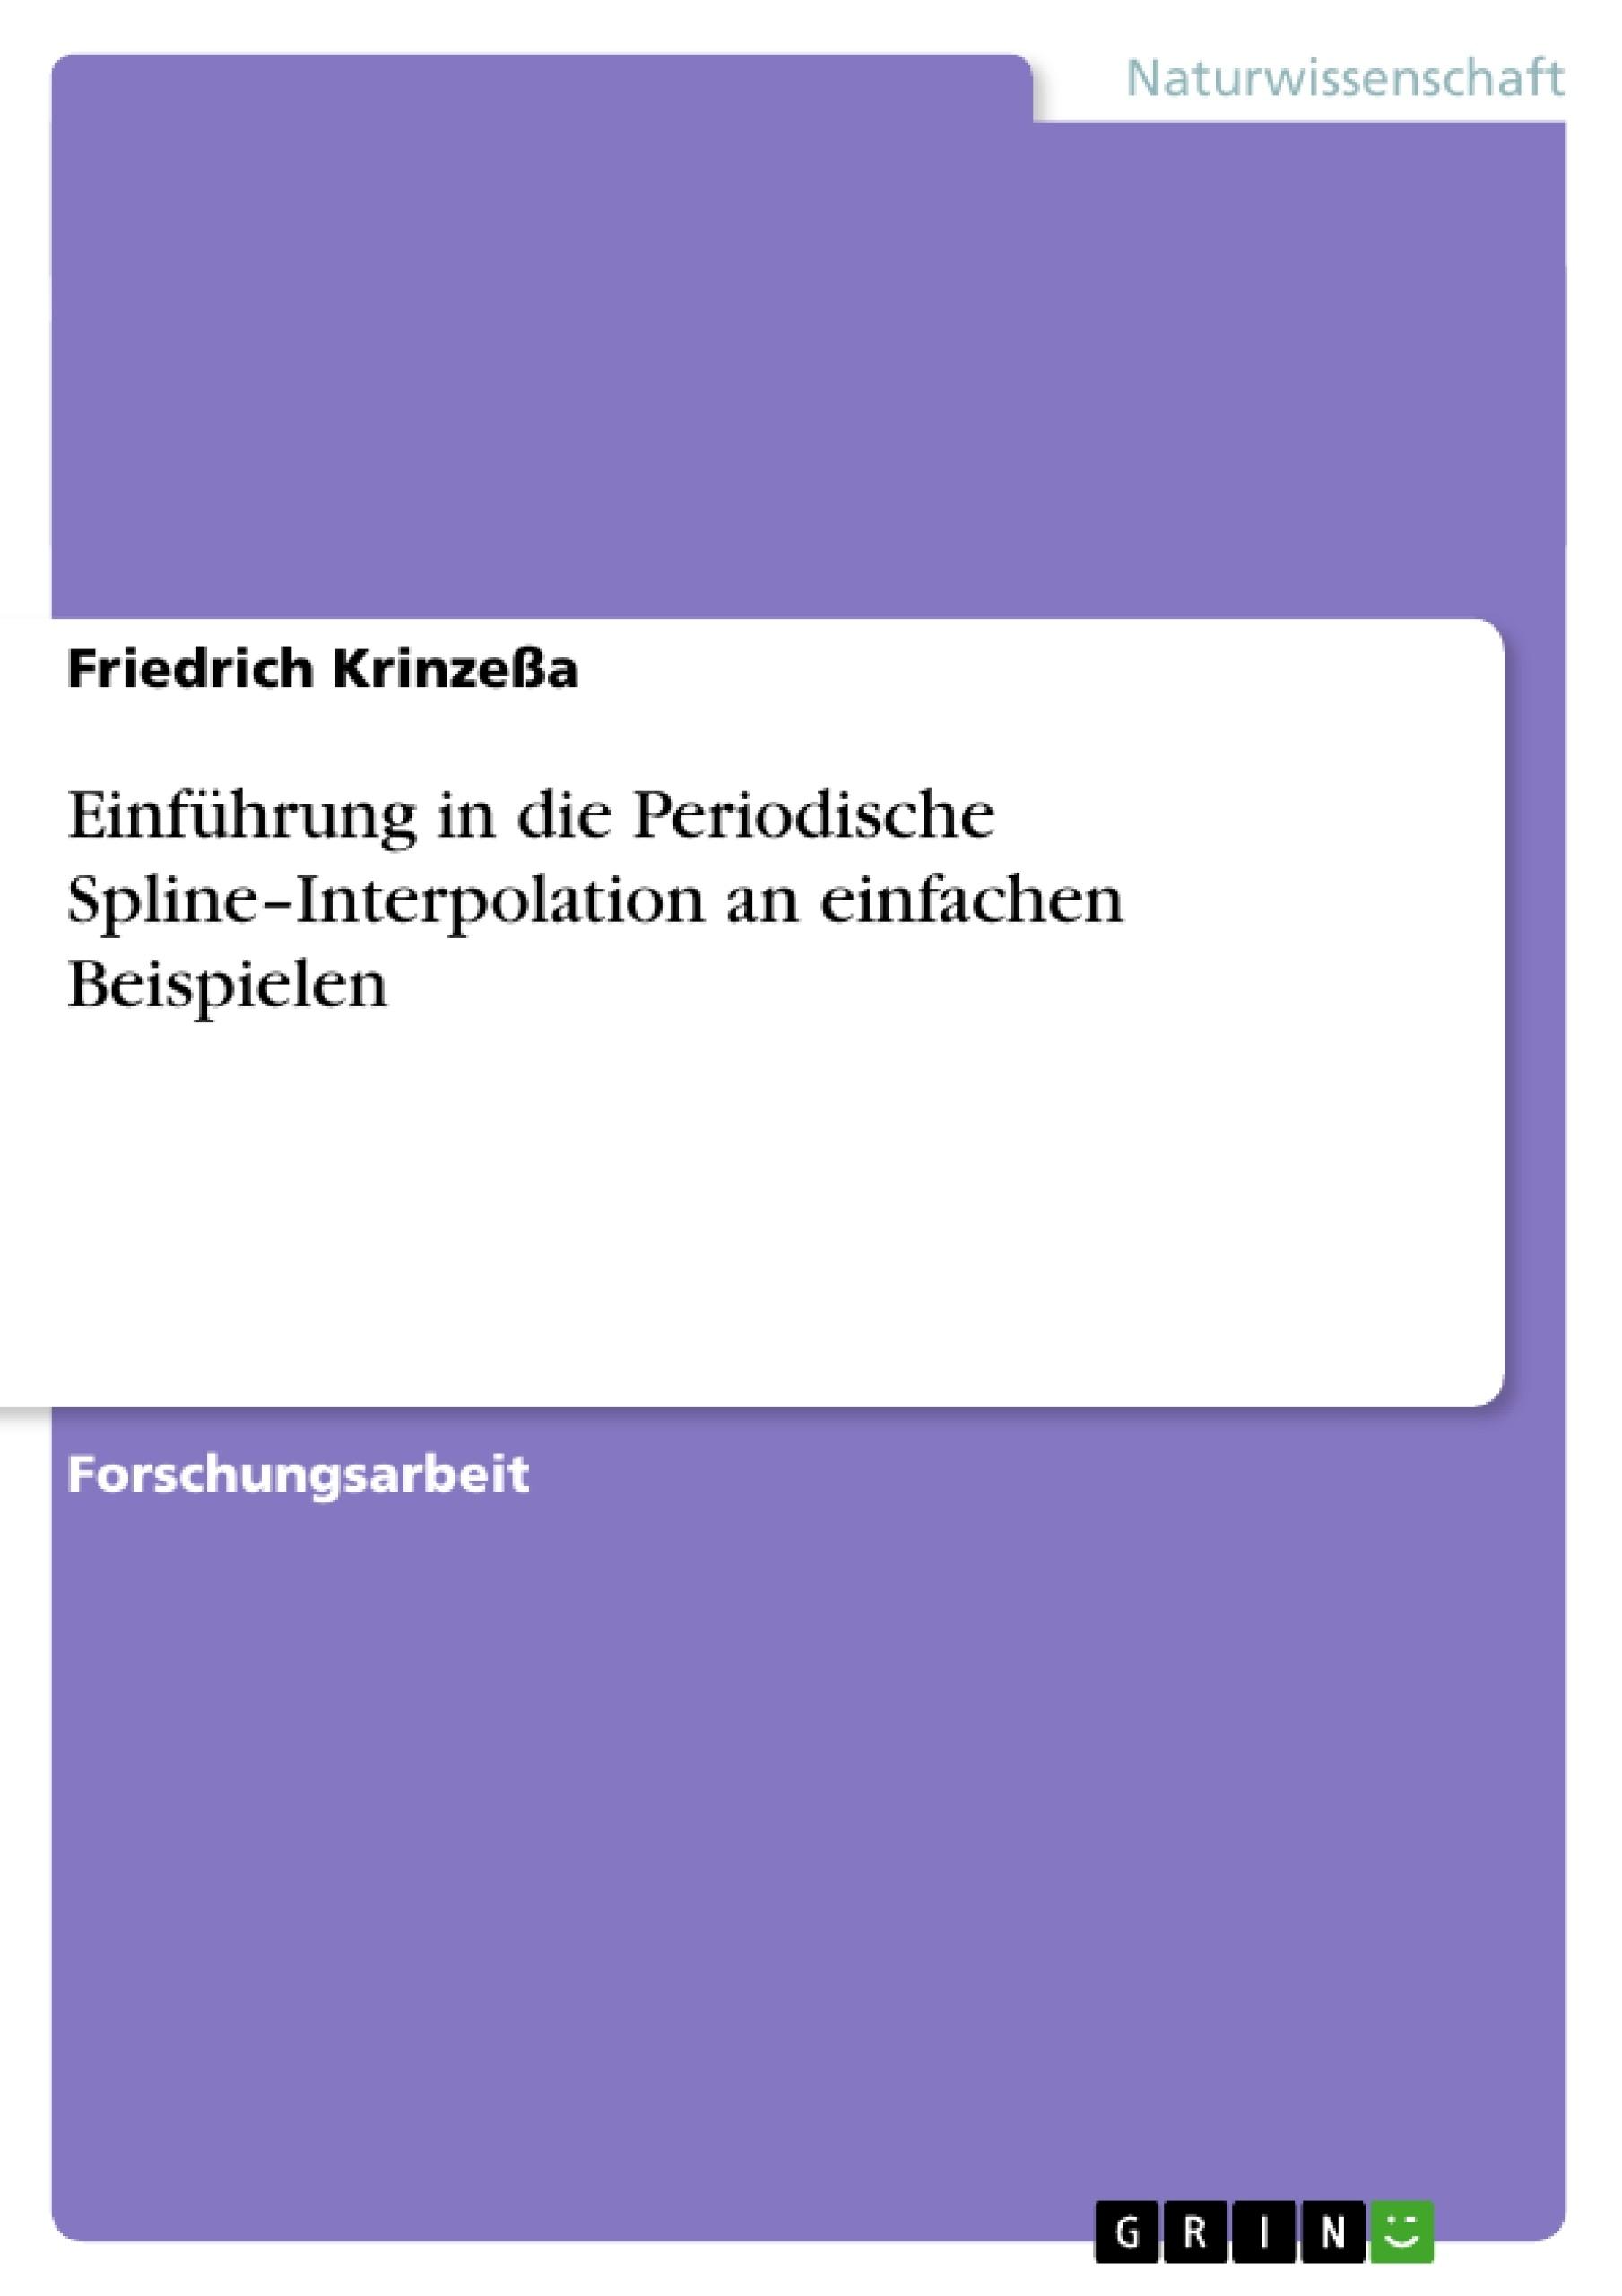 Titel: Einführung in die Periodische Spline–Interpolation an einfachen Beispielen